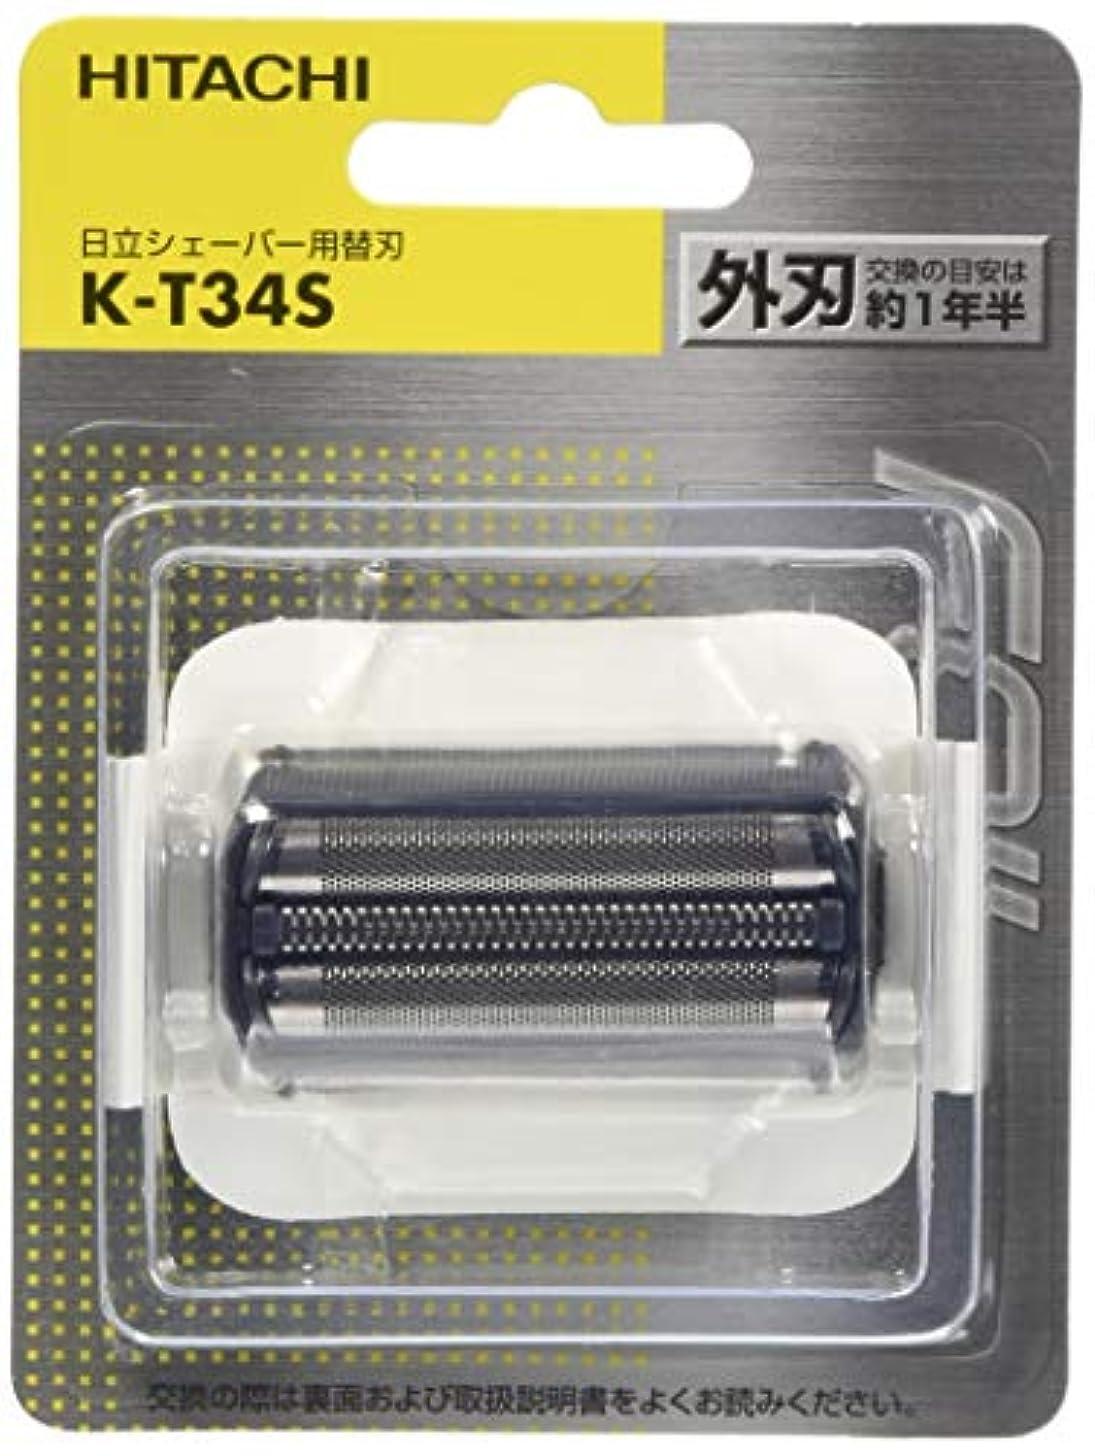 フォーク近所のおびえた日立 シェーバー用替刃(外刃) K-T34S